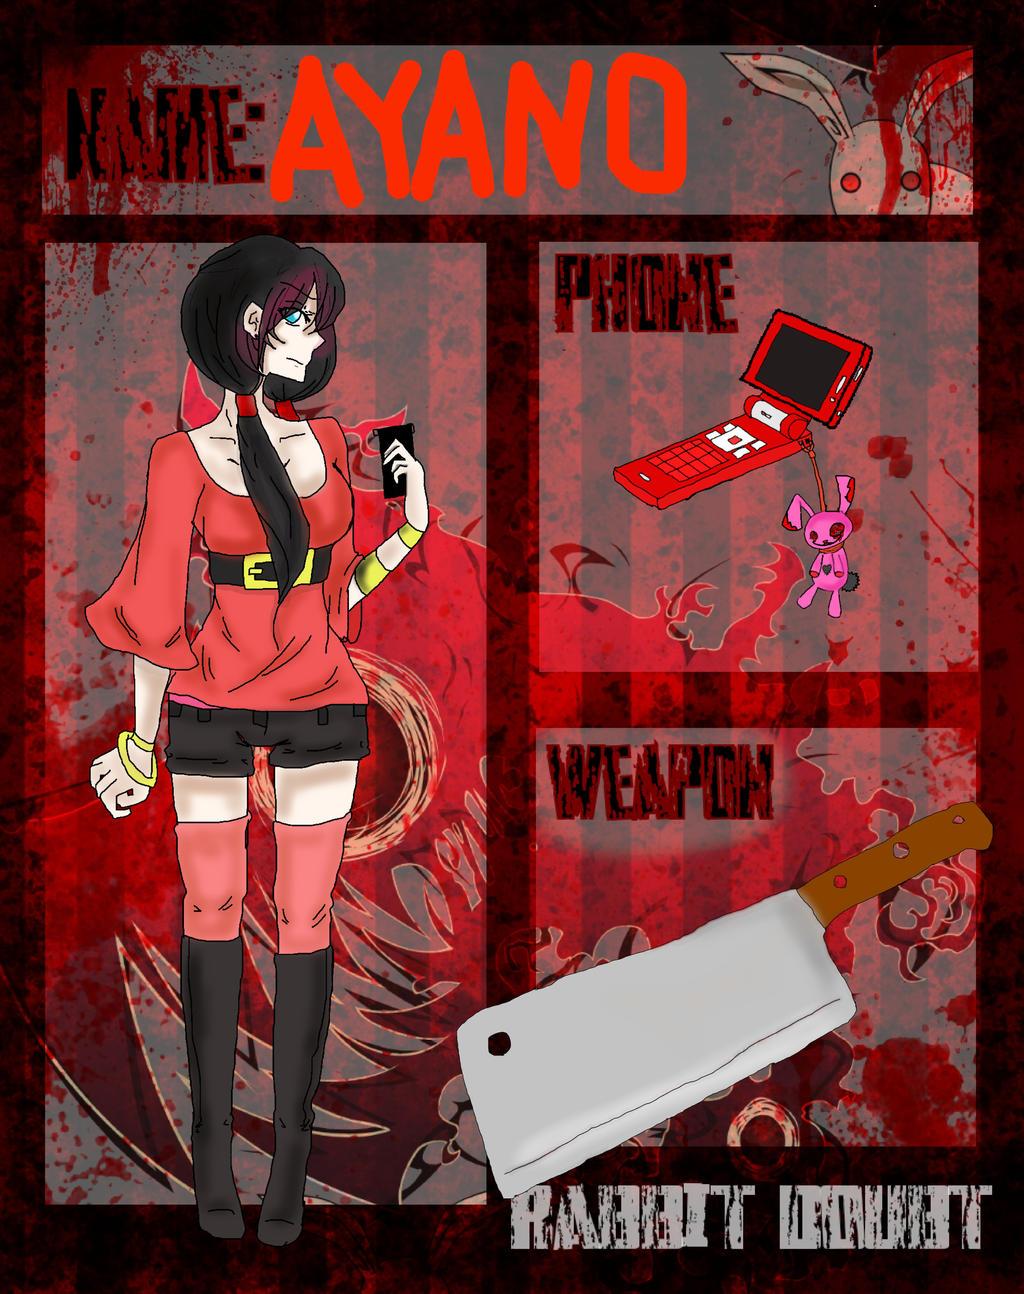 Rabbito-Dauto APP: Ayano by Just-Anothr-Fan